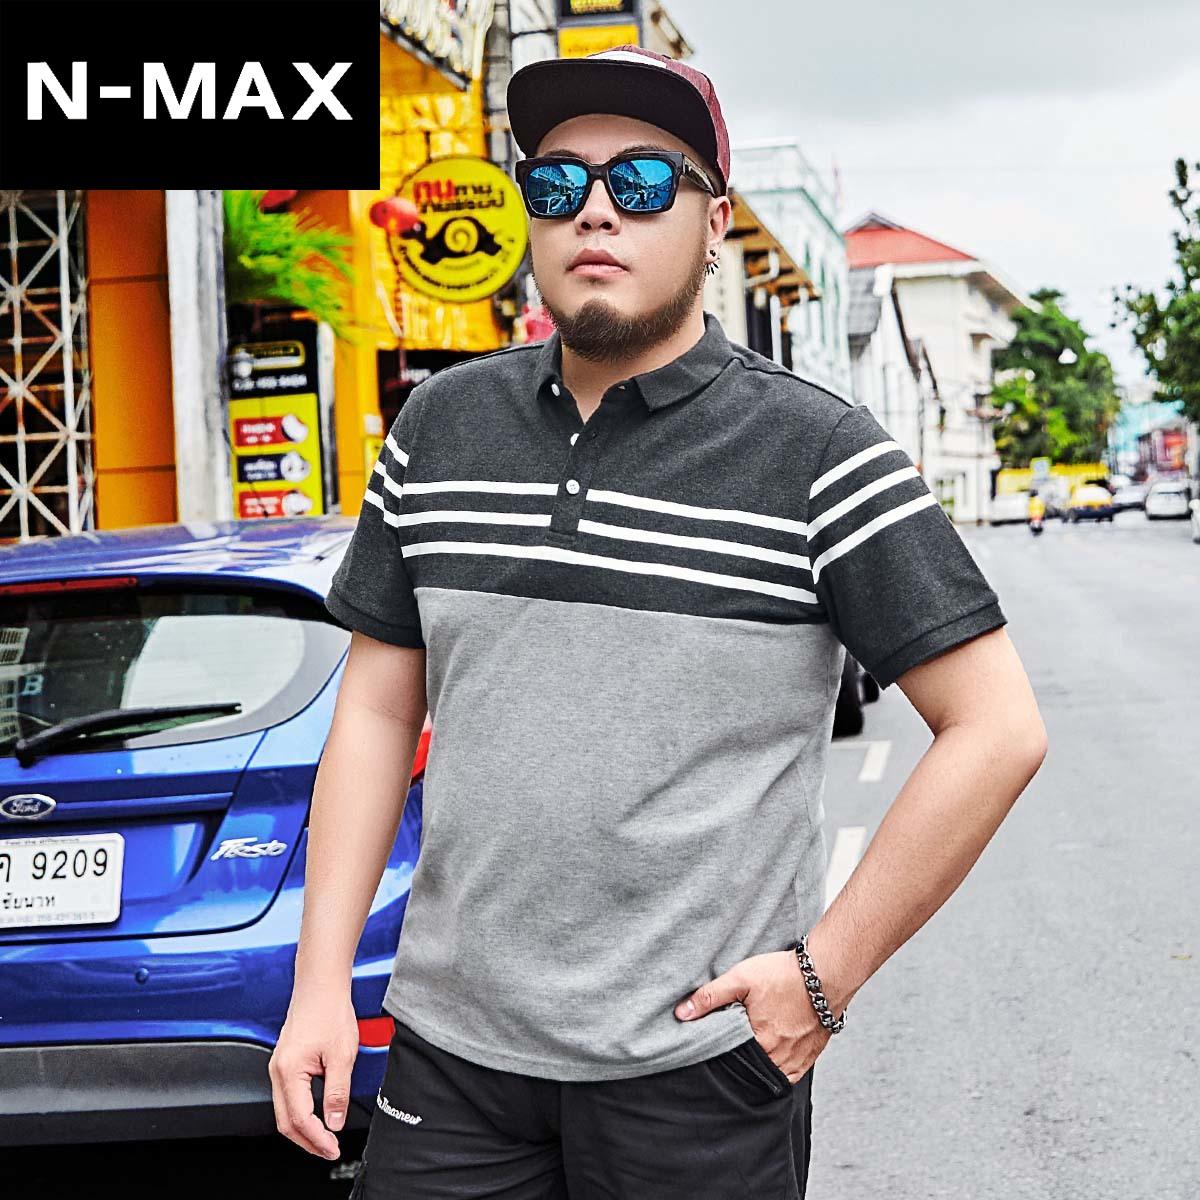 NMAX大码男装潮牌 潮胖子宽松短袖Polo衫加肥加大翻领半袖保罗衫